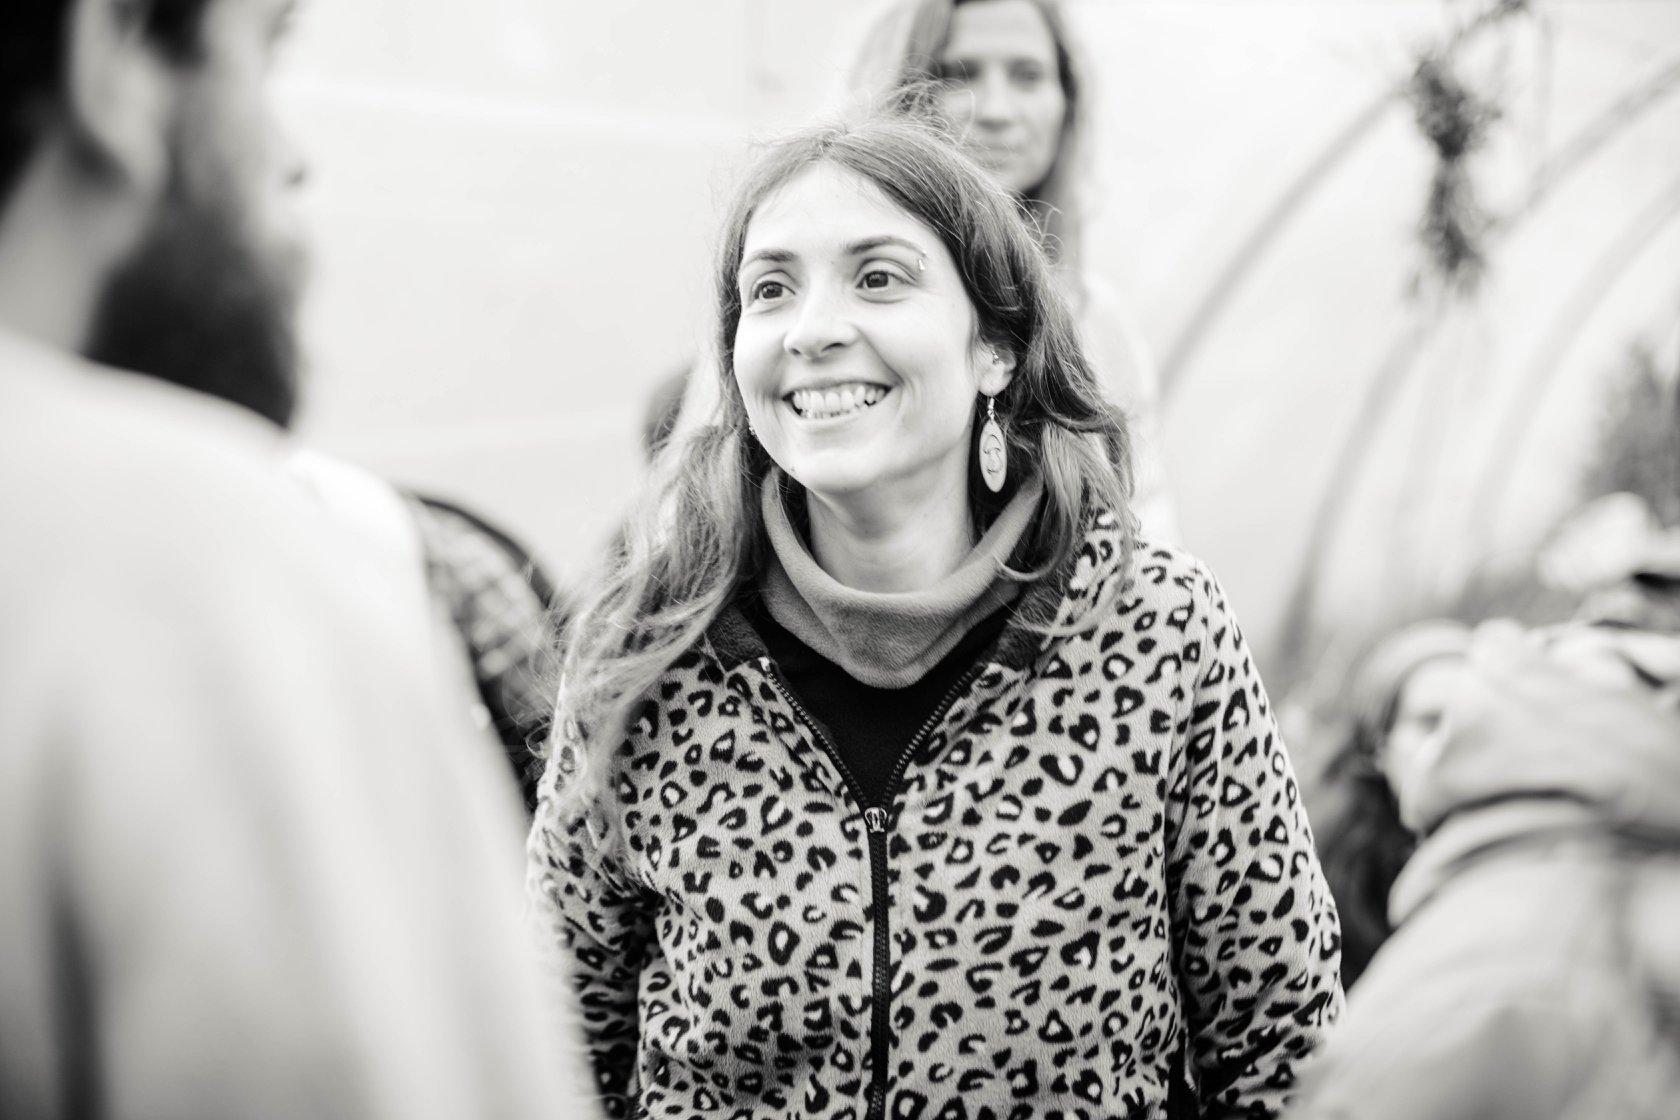 Susana Guimarães - co-founder of Reflorestar Portugal